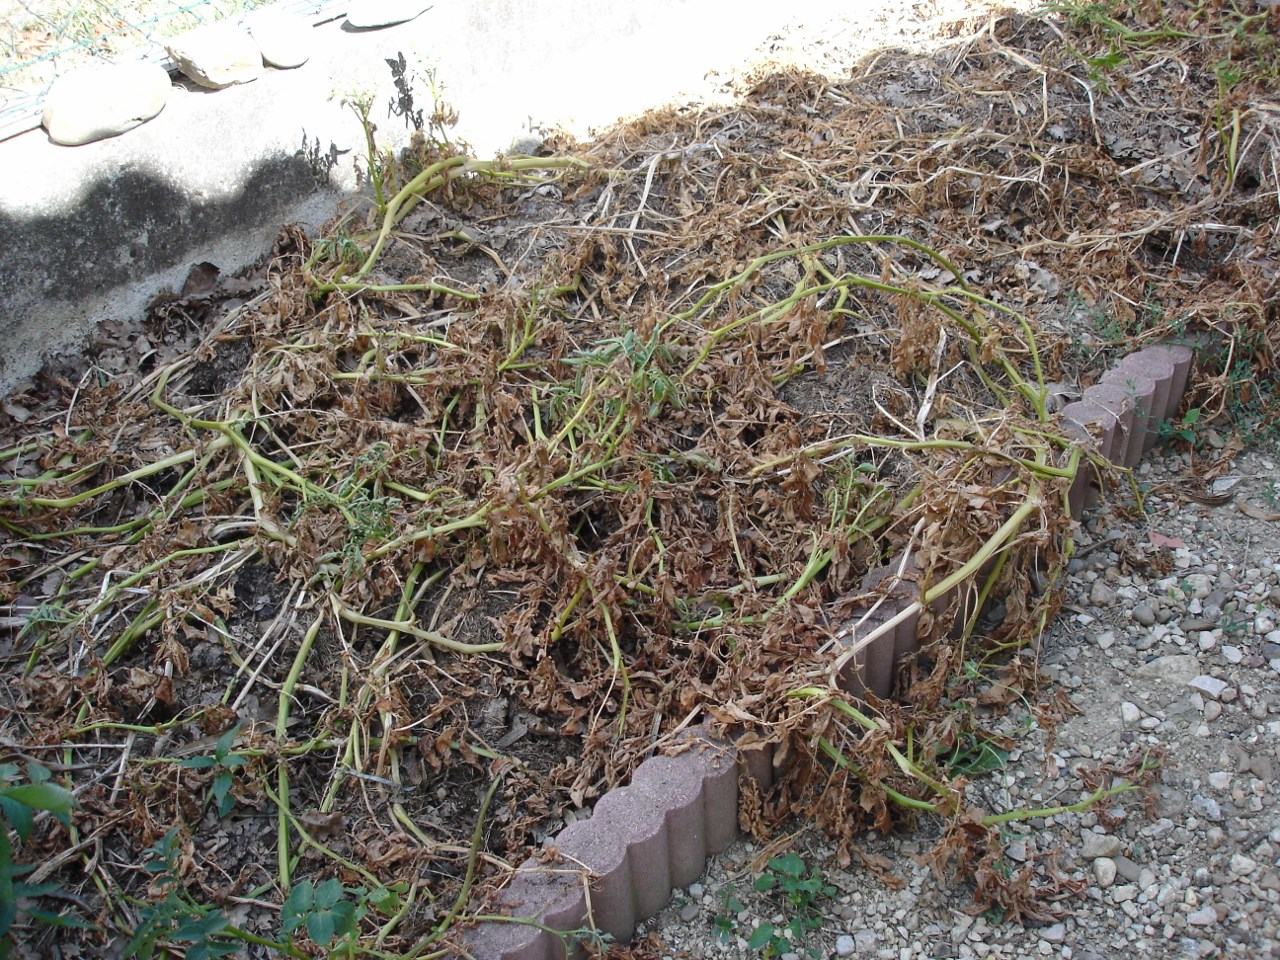 Un paillage vaut 10 arrosages - Bache noire jardin ...